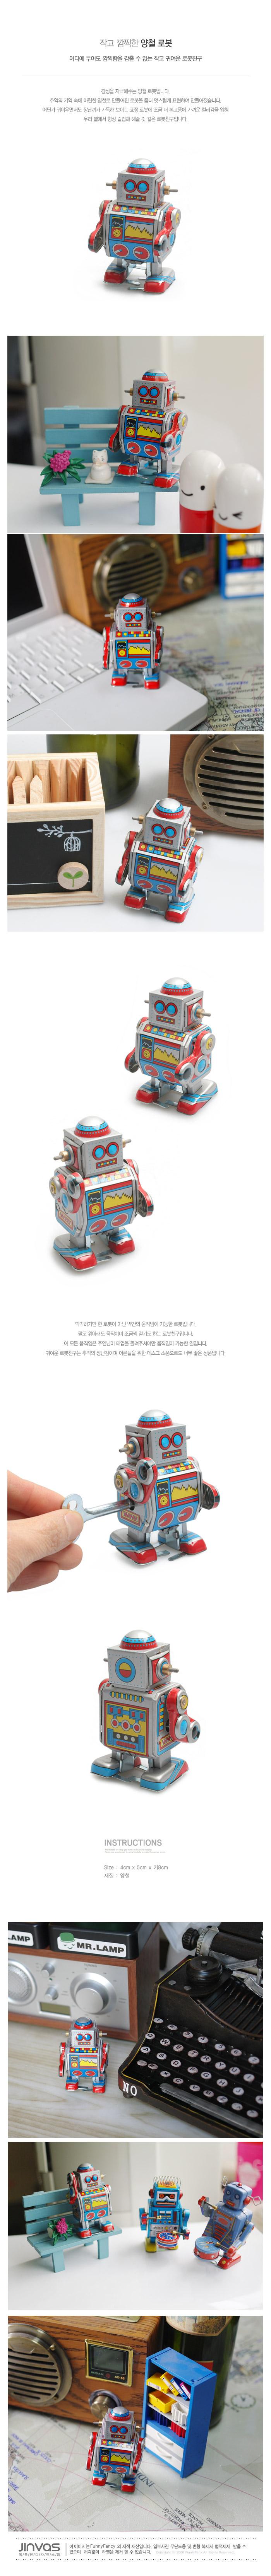 작고 깜찍한 양철 로봇 - 진바스, 9,900원, 로봇/틴토이, 틴토이